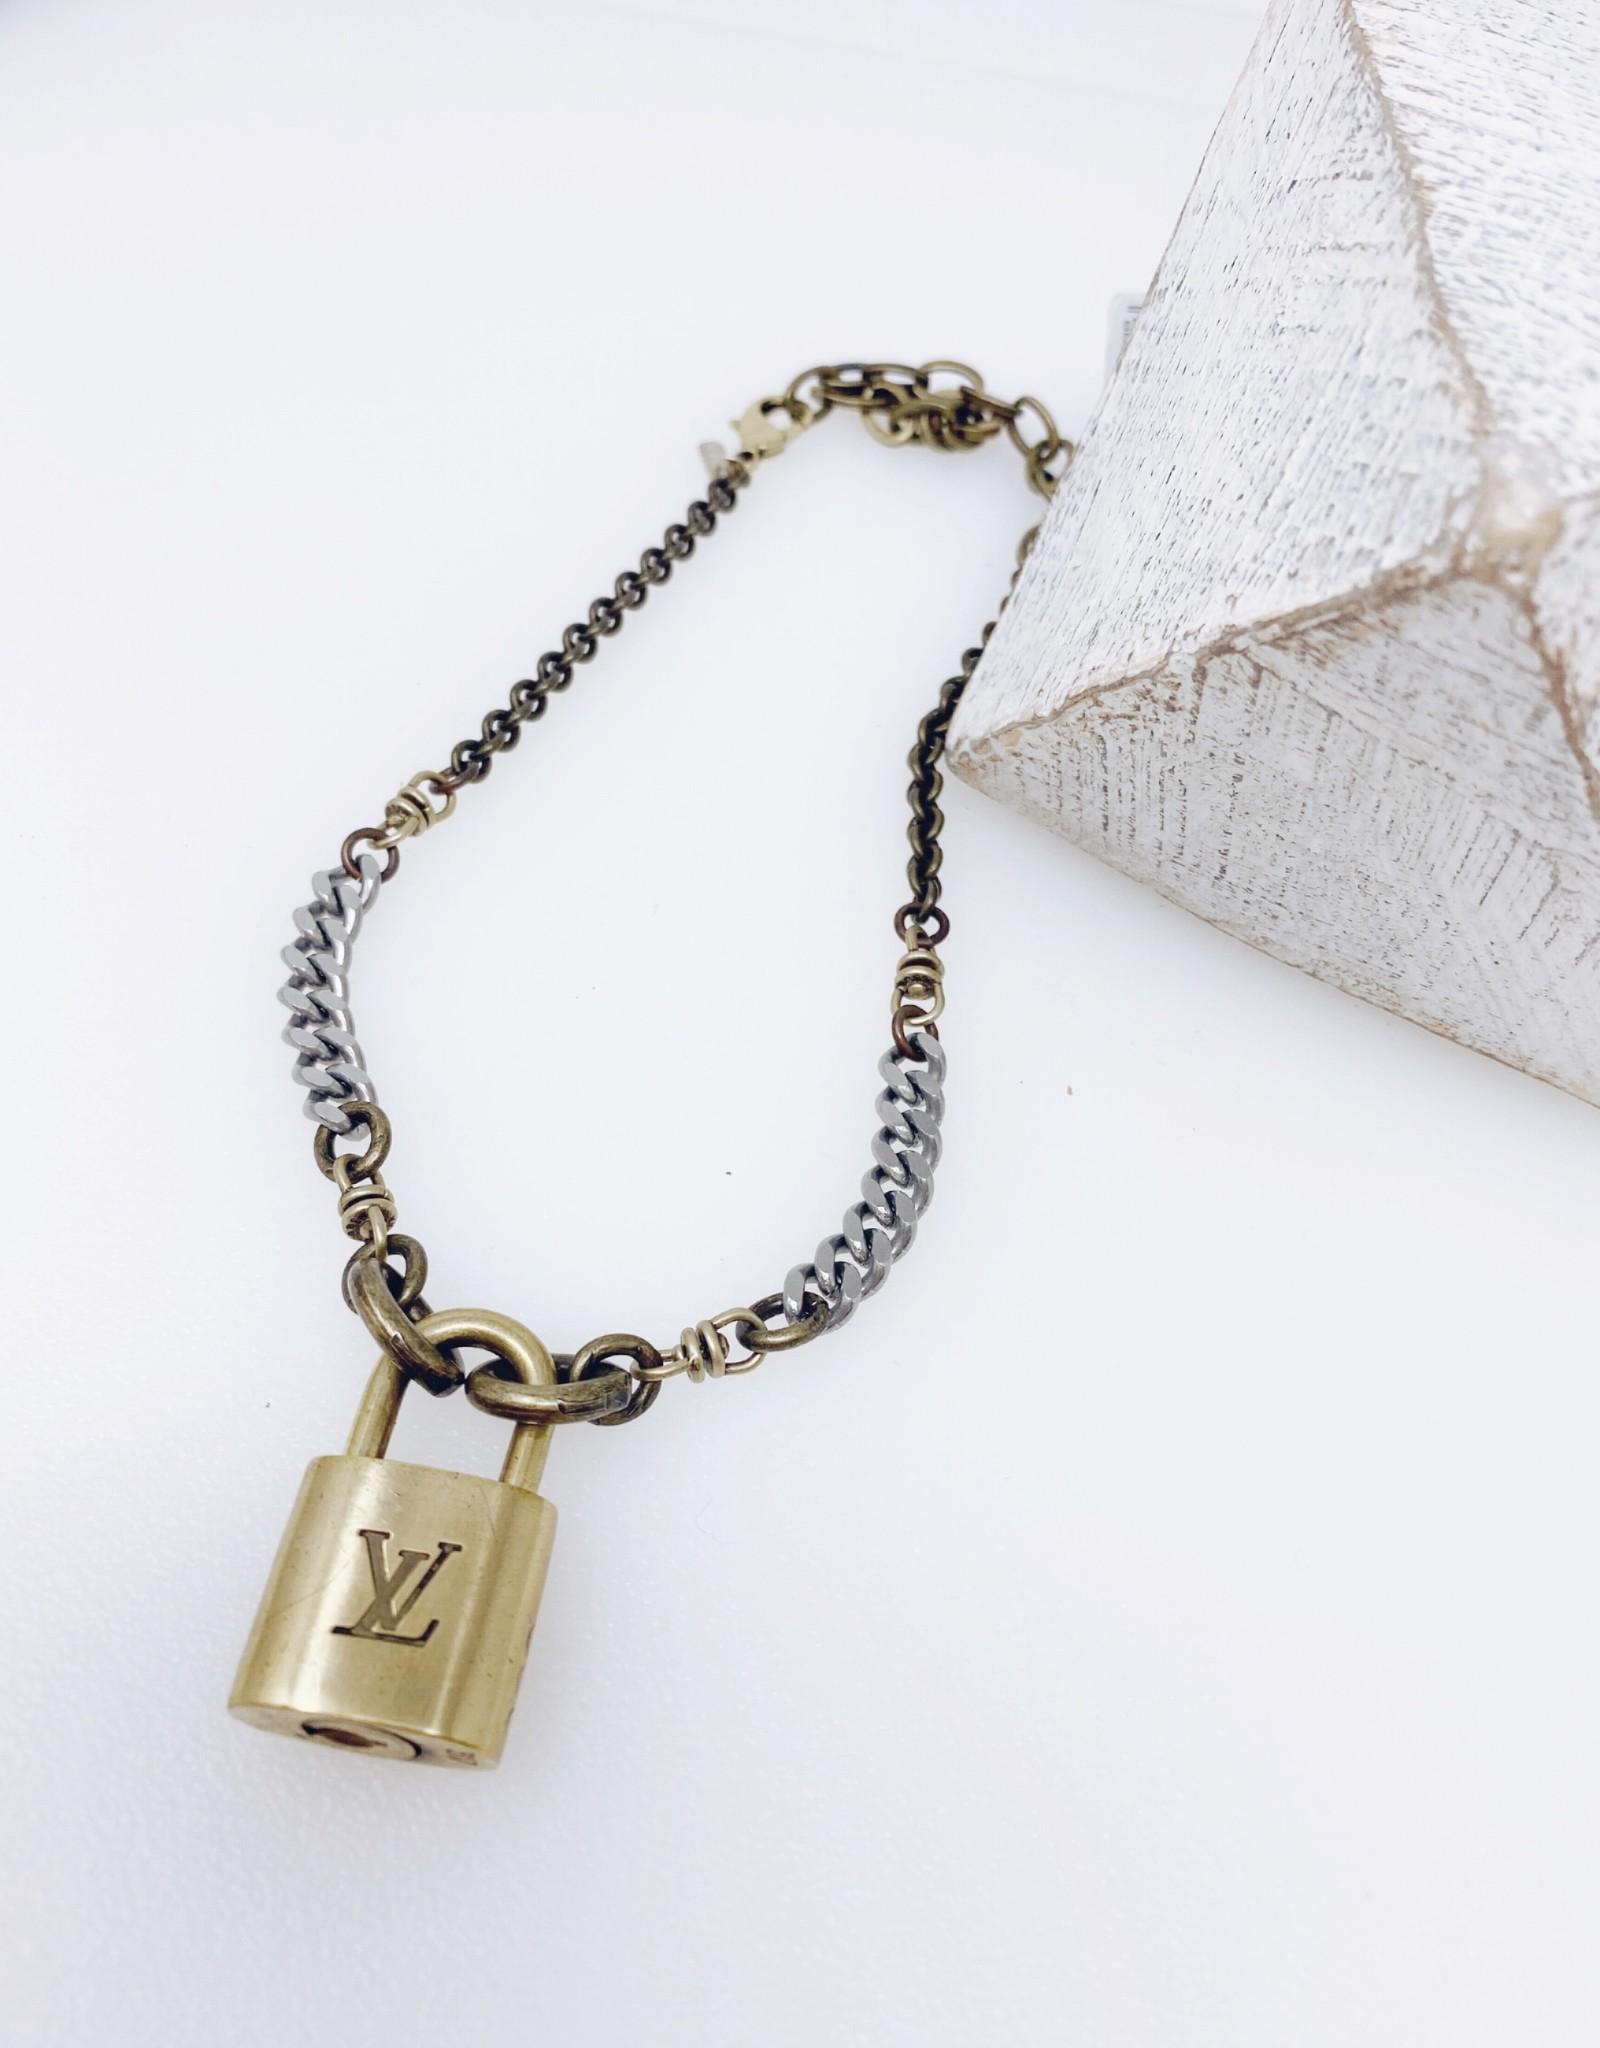 Vintage LV Lock & Key